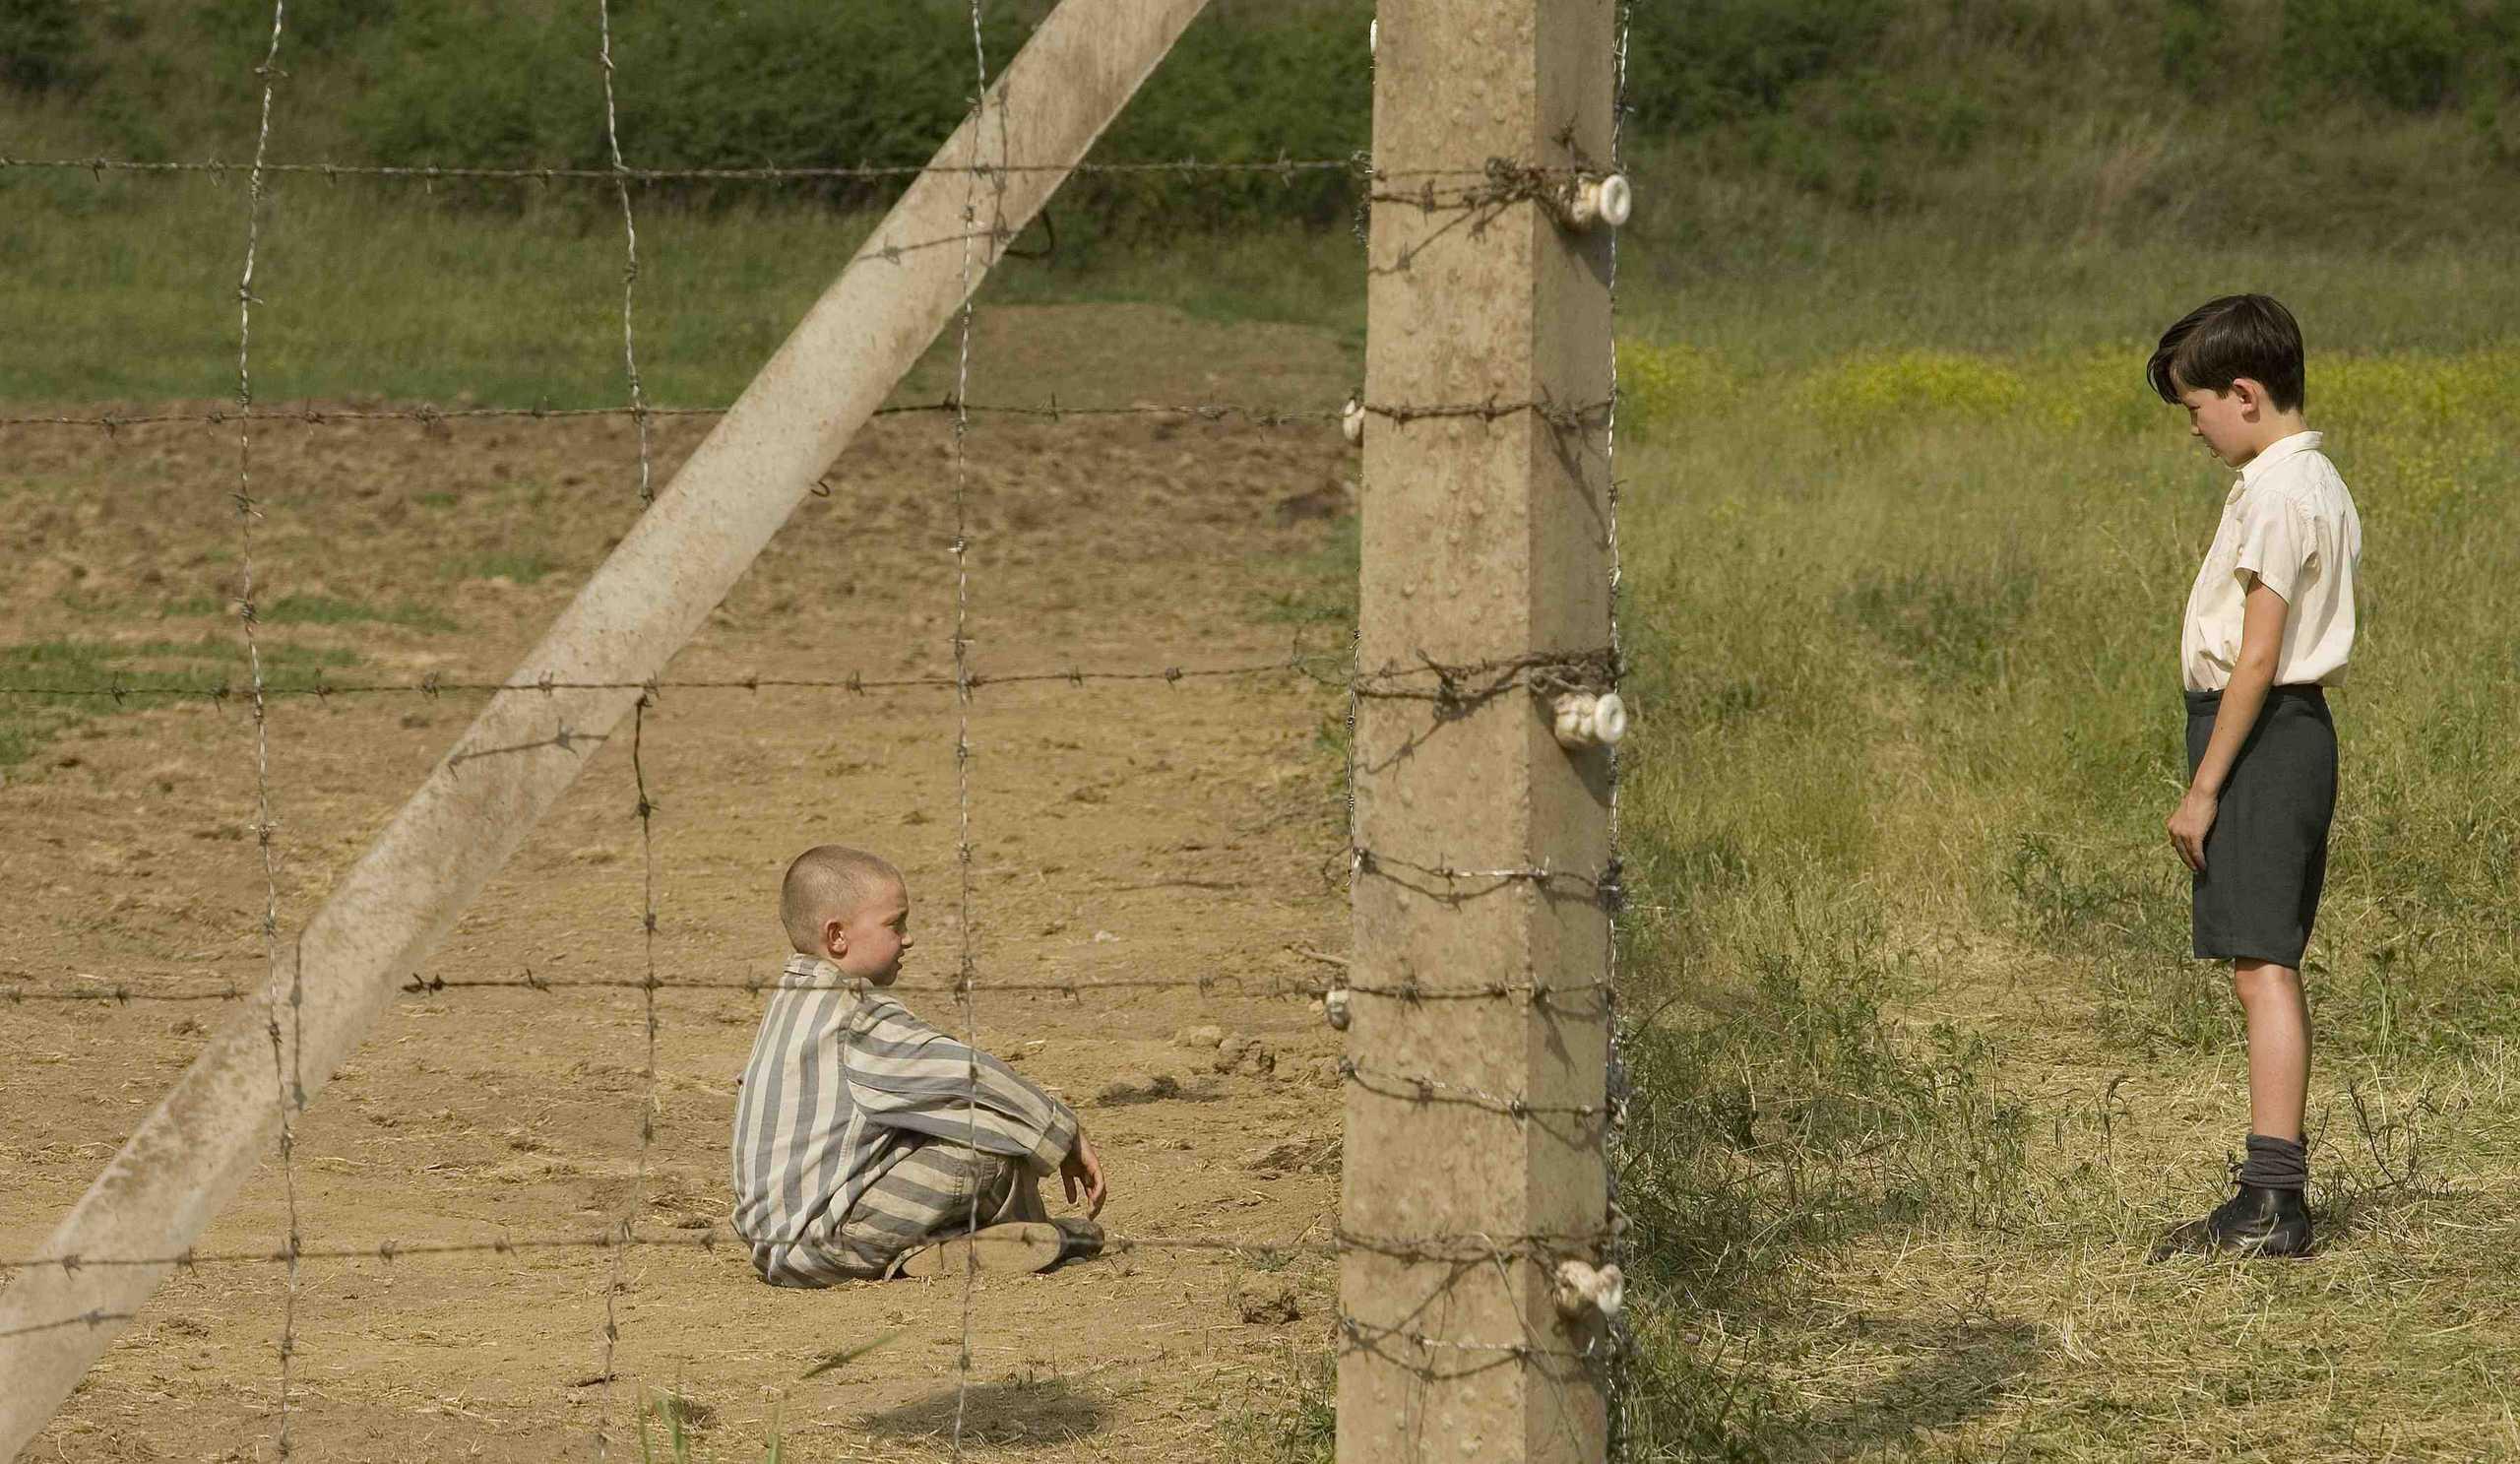 Διεθνής Ημέρα Φιλίας: Πέντε ταινίες που εξυμνούν τη δύναμη της φιλίας the boy in the striped pyjamas fanpop com